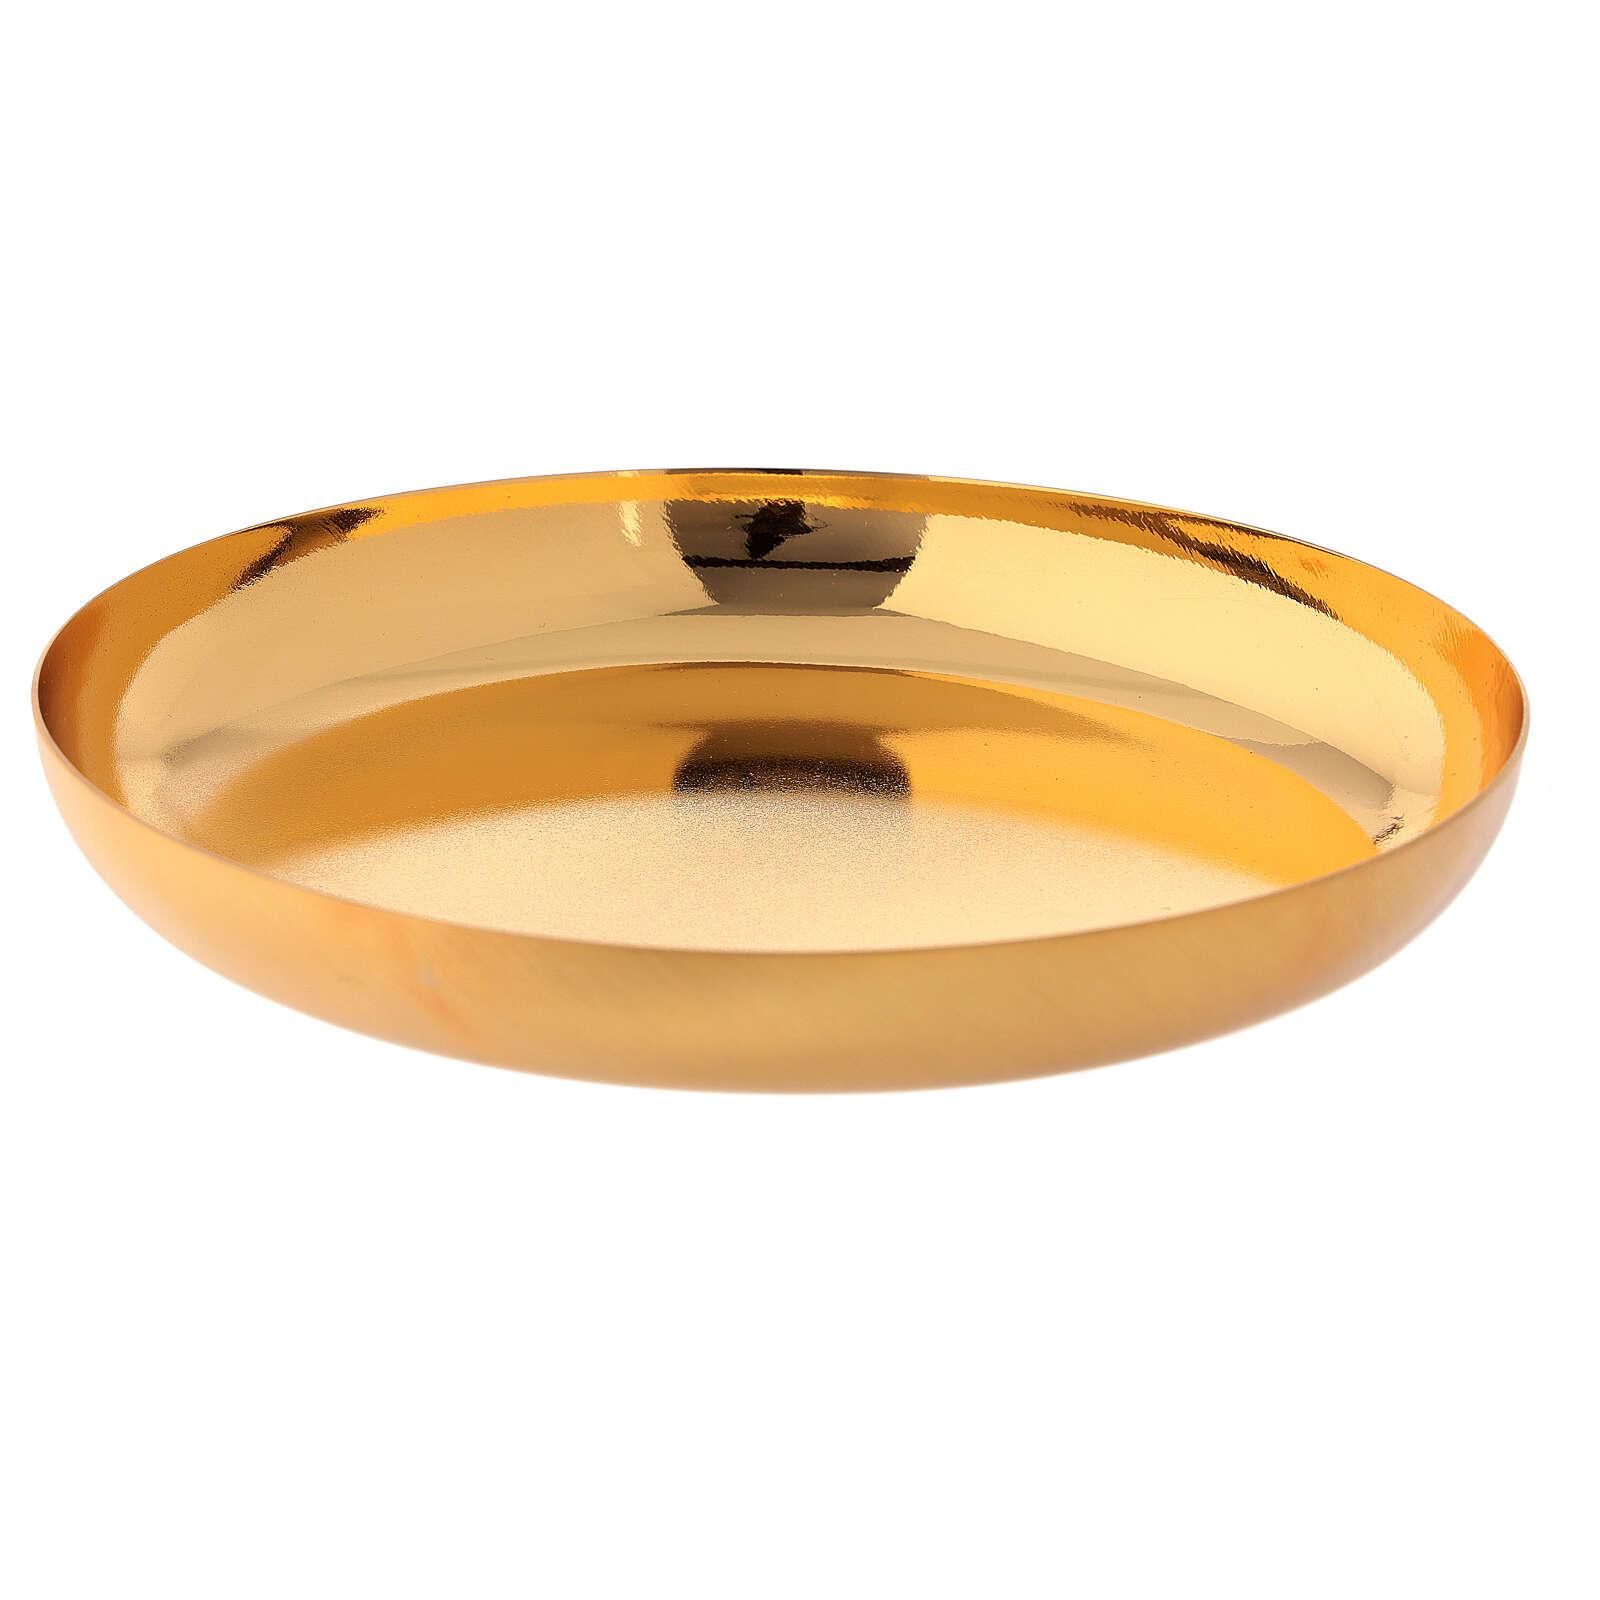 Patena latão dourado brilhante prato fundo 16 cm 4